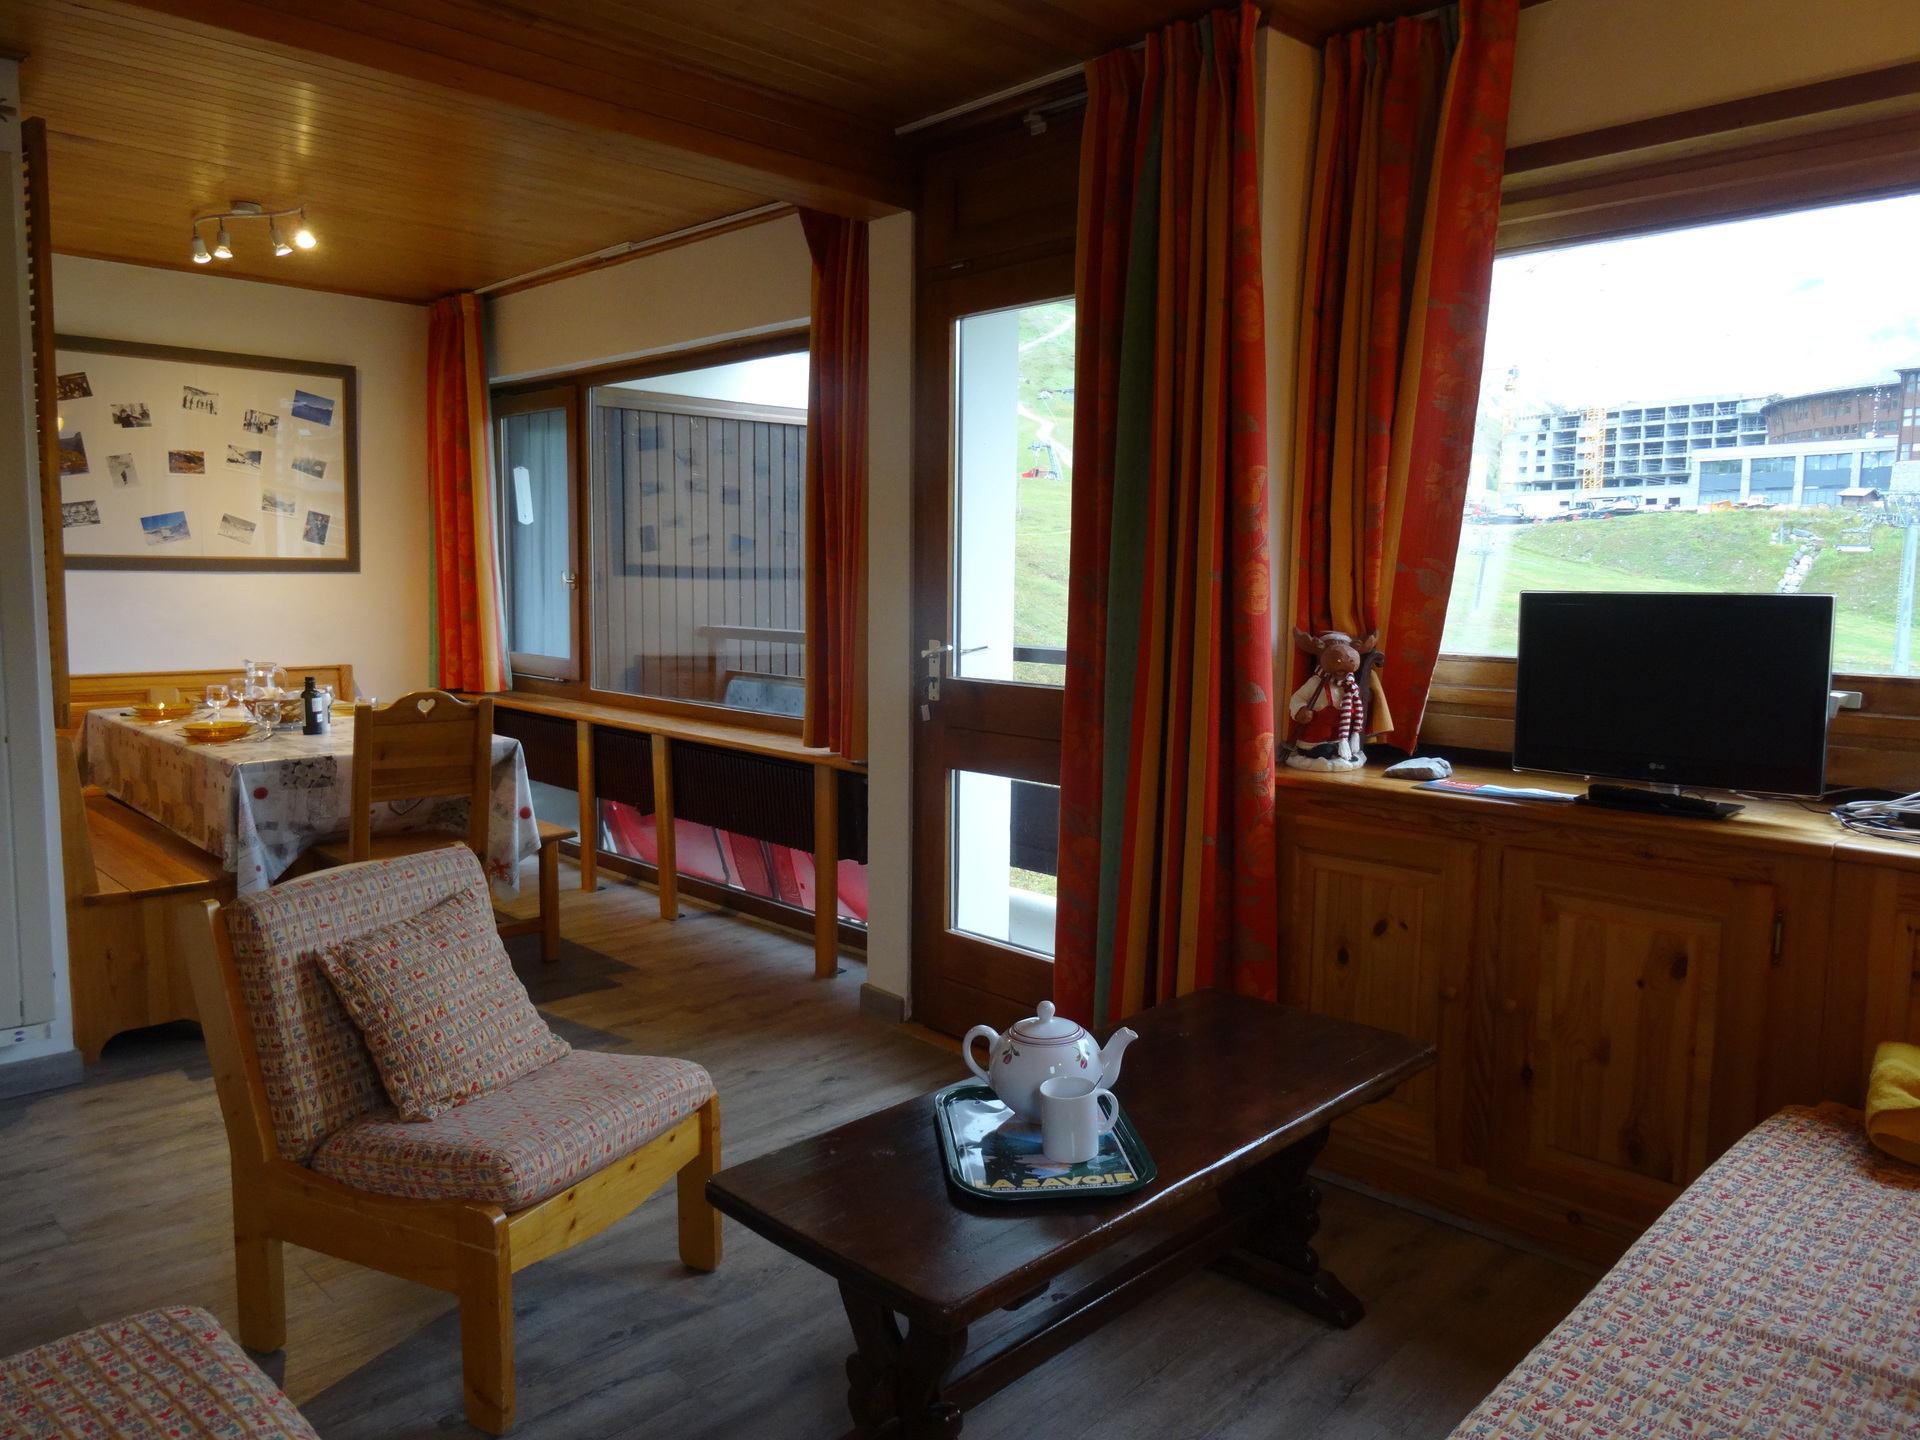 Appartement 2 pièces 6 personnes à Tignes proche...